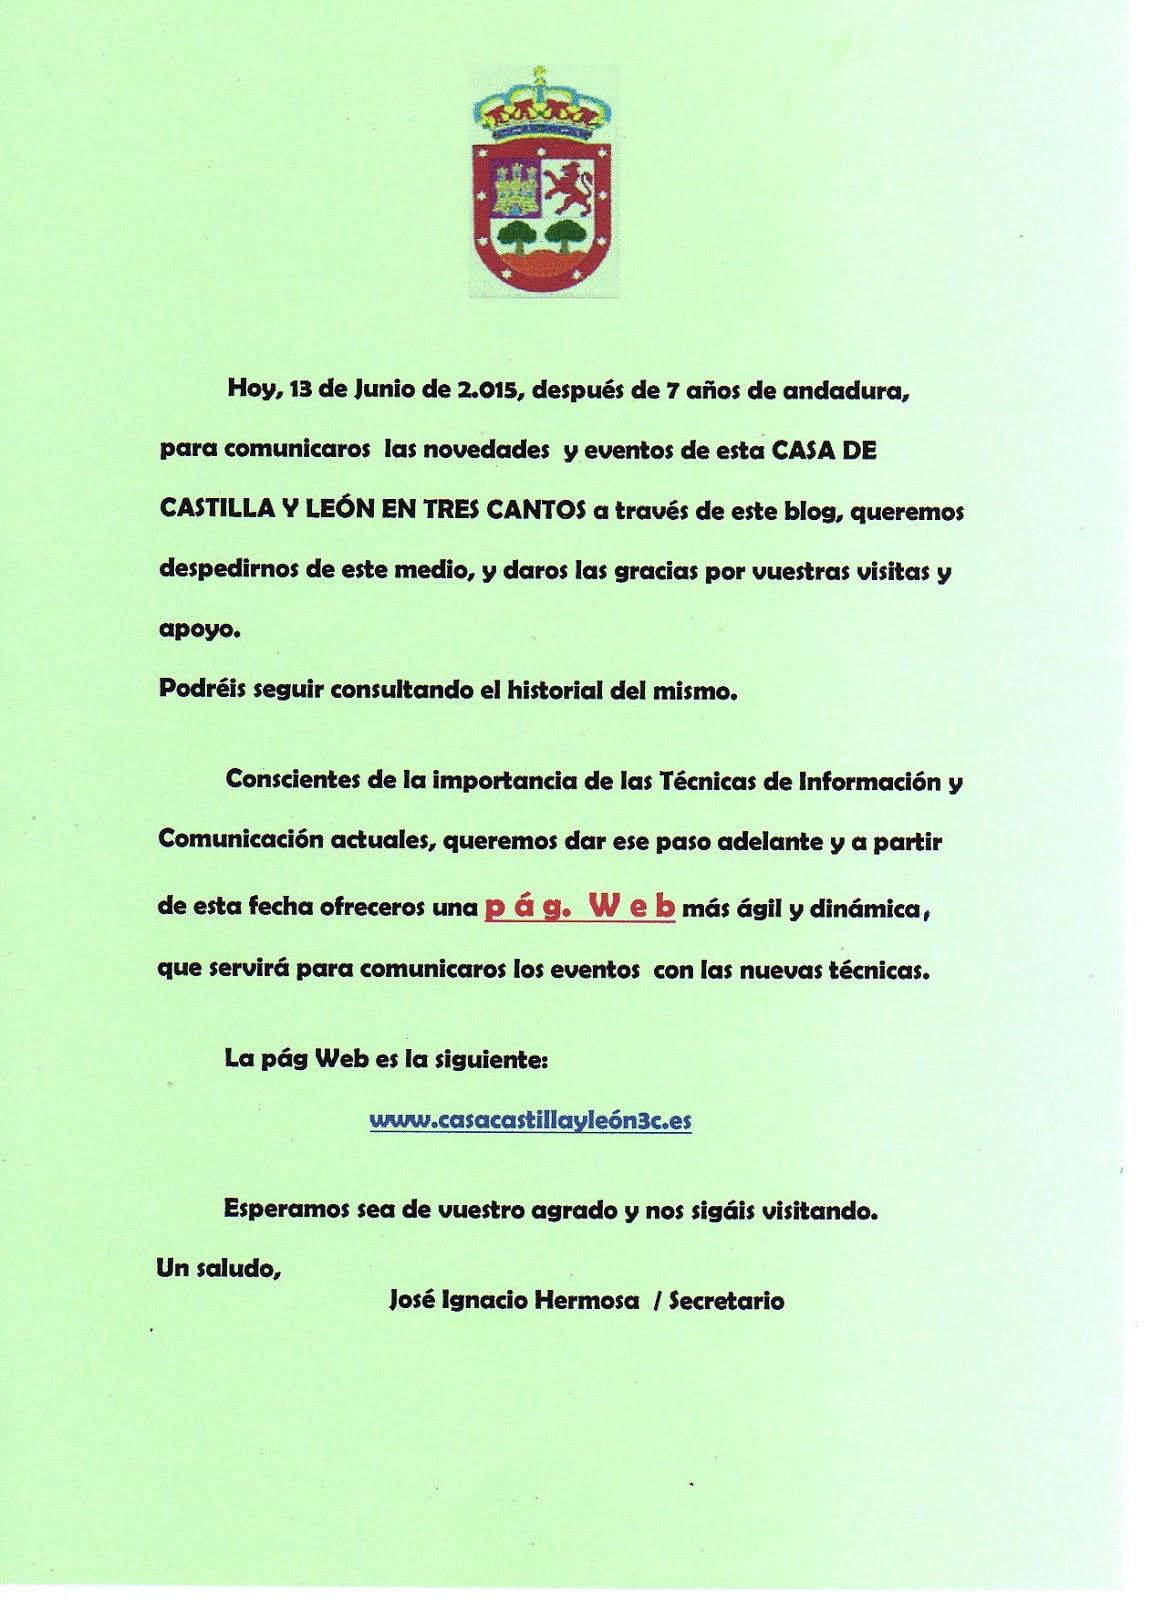 CASA DE CASTILLA Y LEÓN EN TRES CANTOS (MADRID)